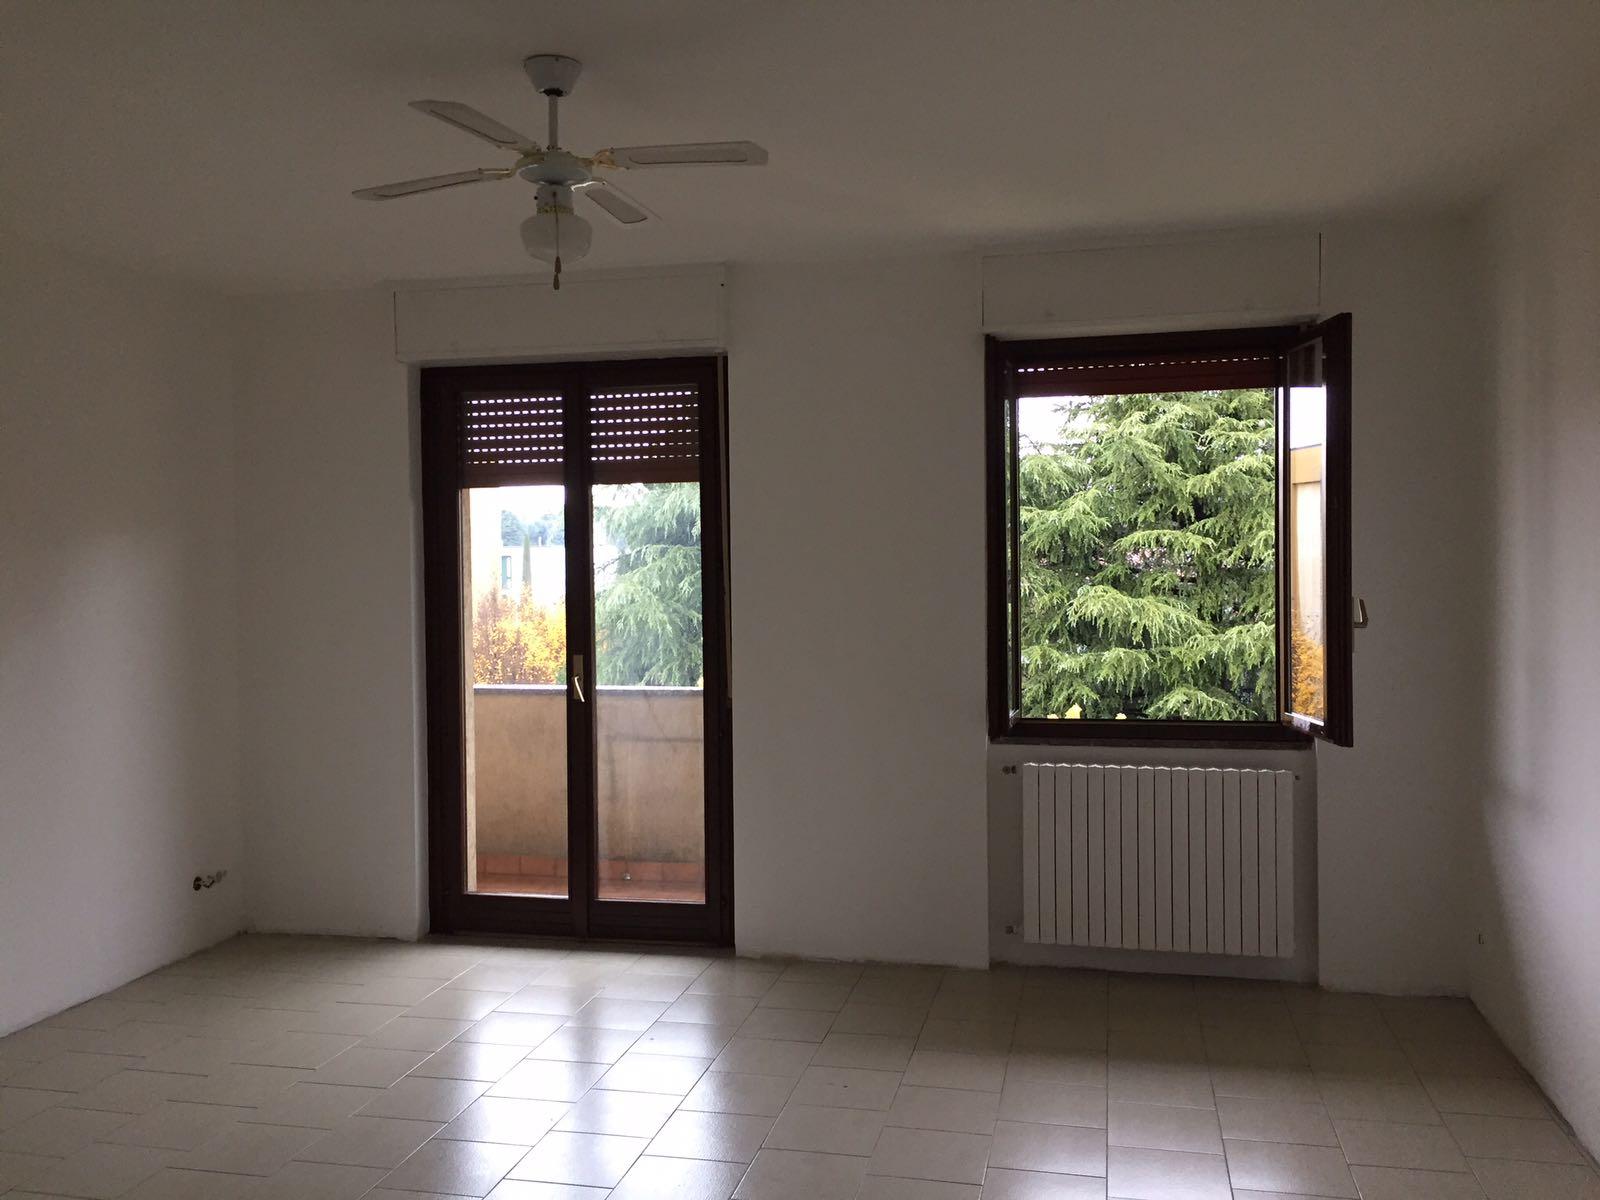 vista di una casa con due finestre, un calorifero e un ventilatore sul soffitto